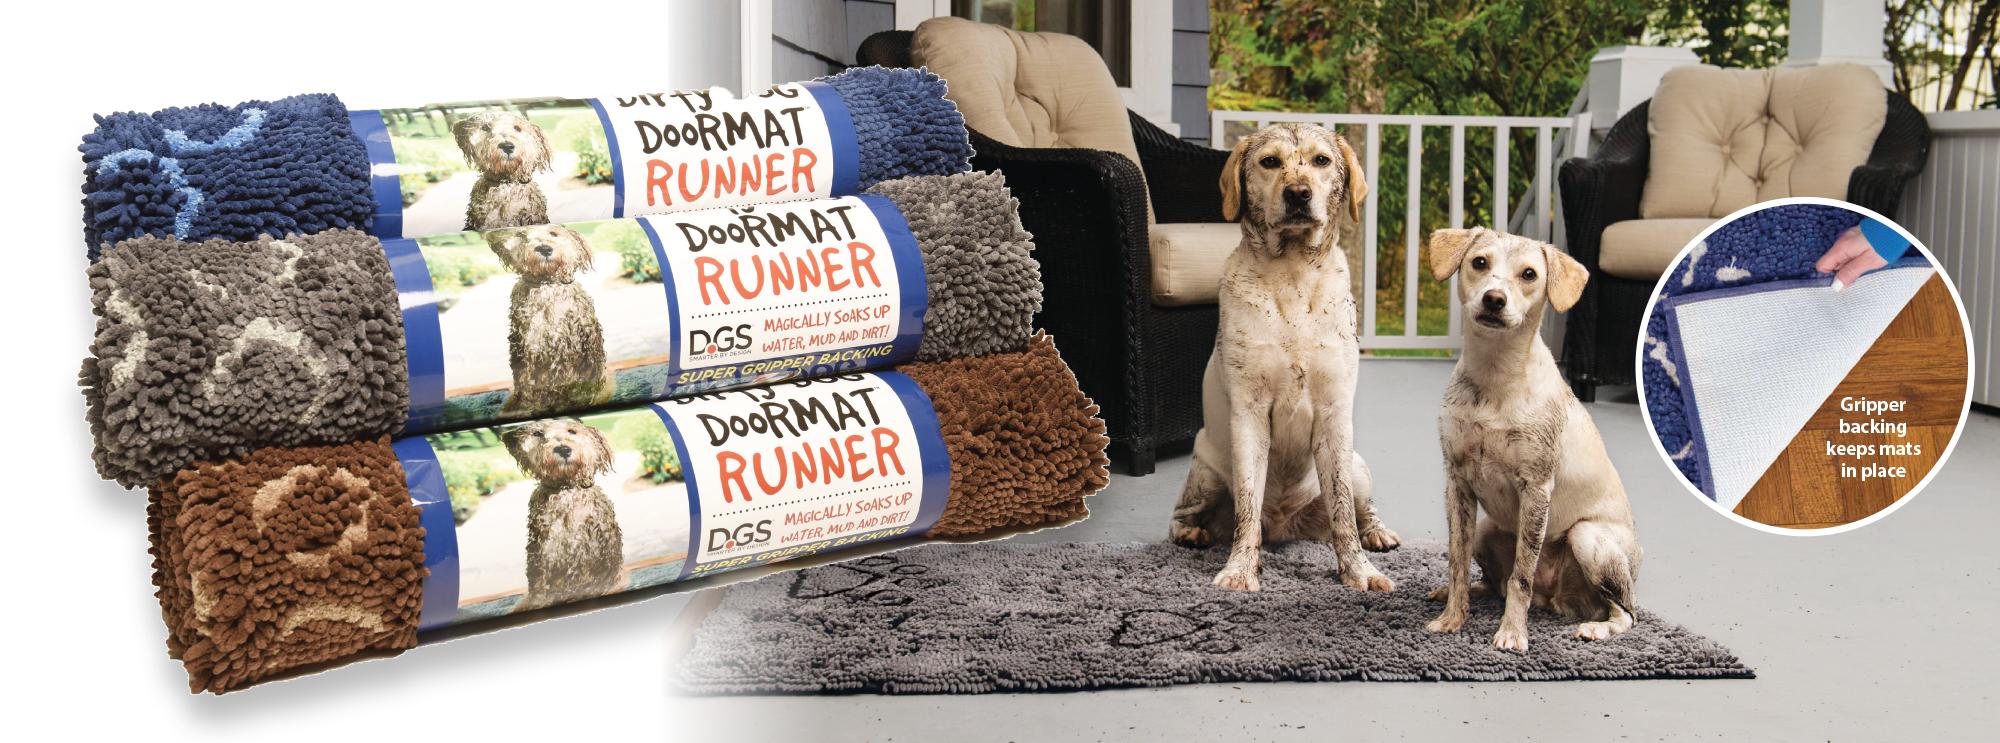 DGS Dirty Dog Doormat Runner